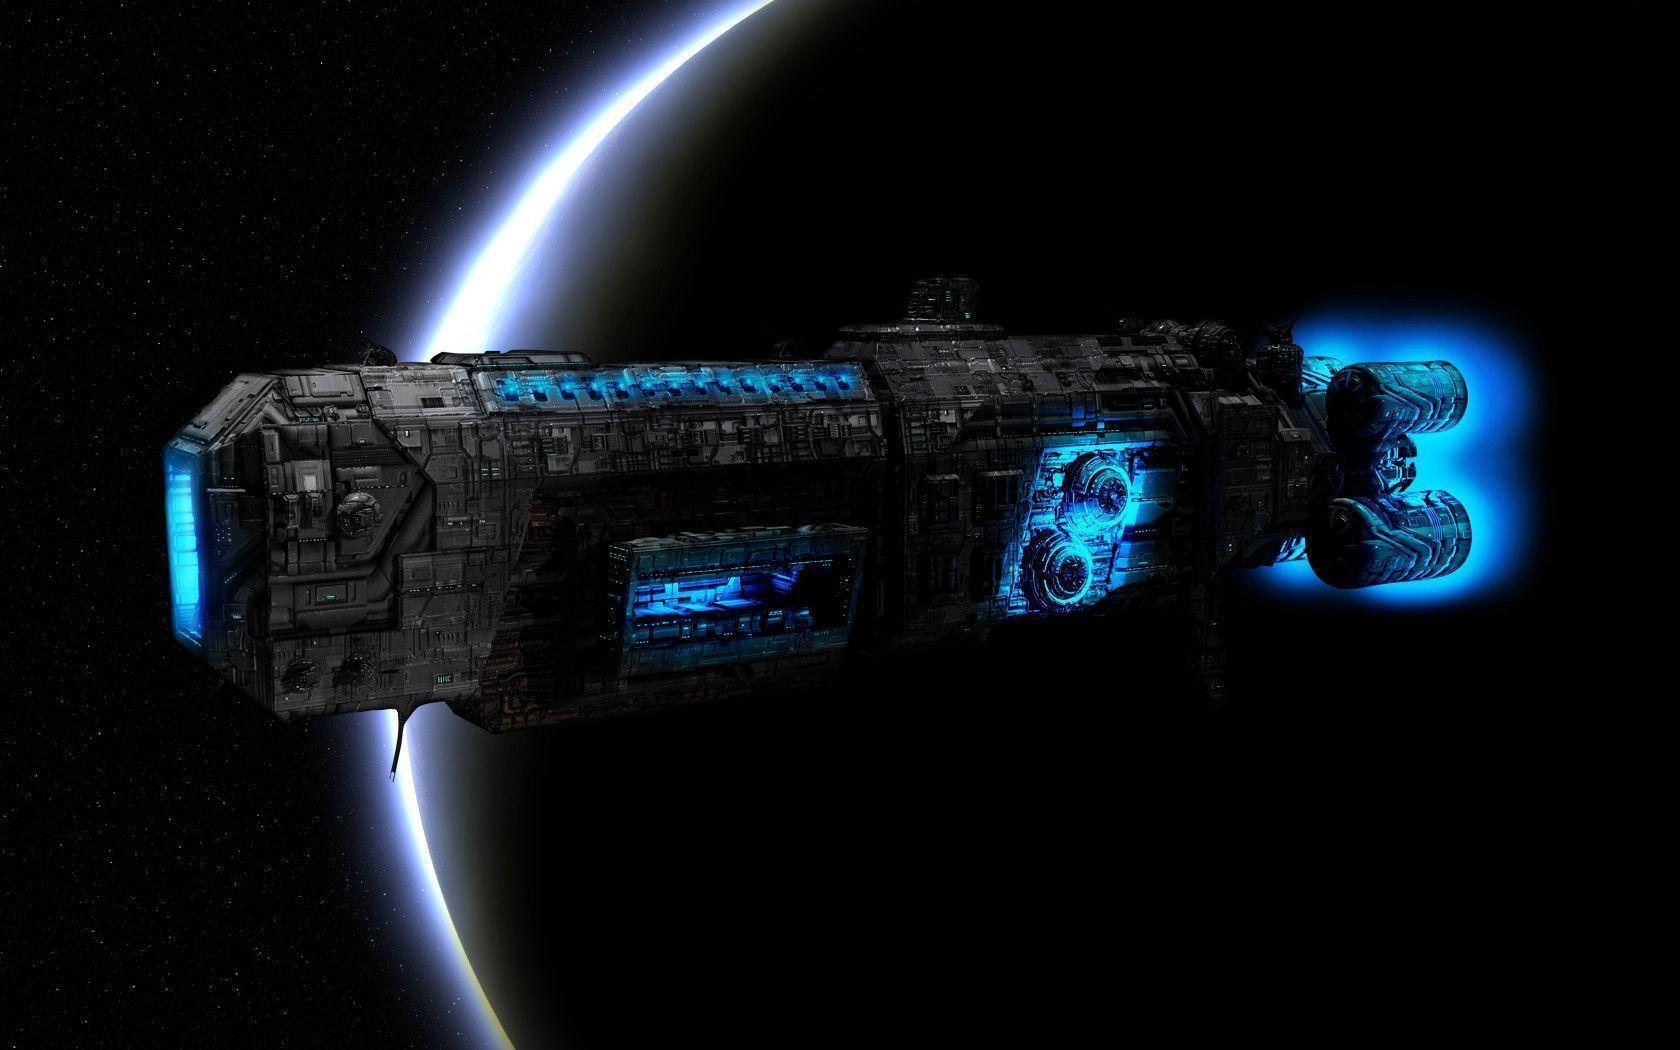 Ogame Space-Ship Wallpaper by ToBiOh on DeviantArt